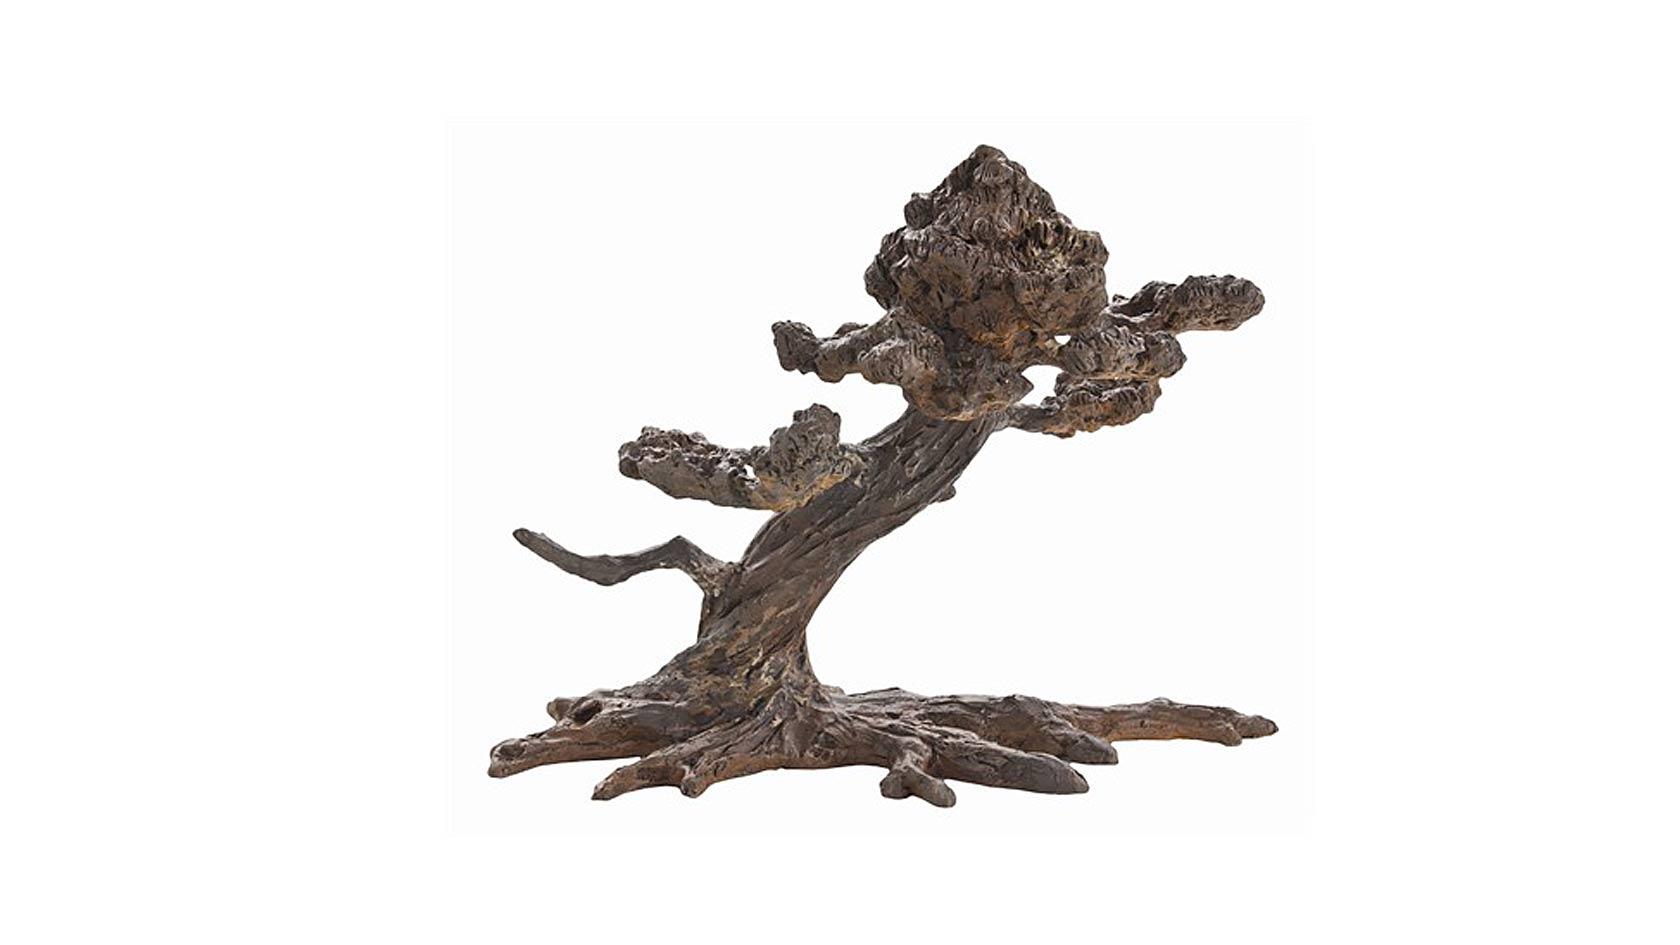 Bonsai Cast Iron Sculpture